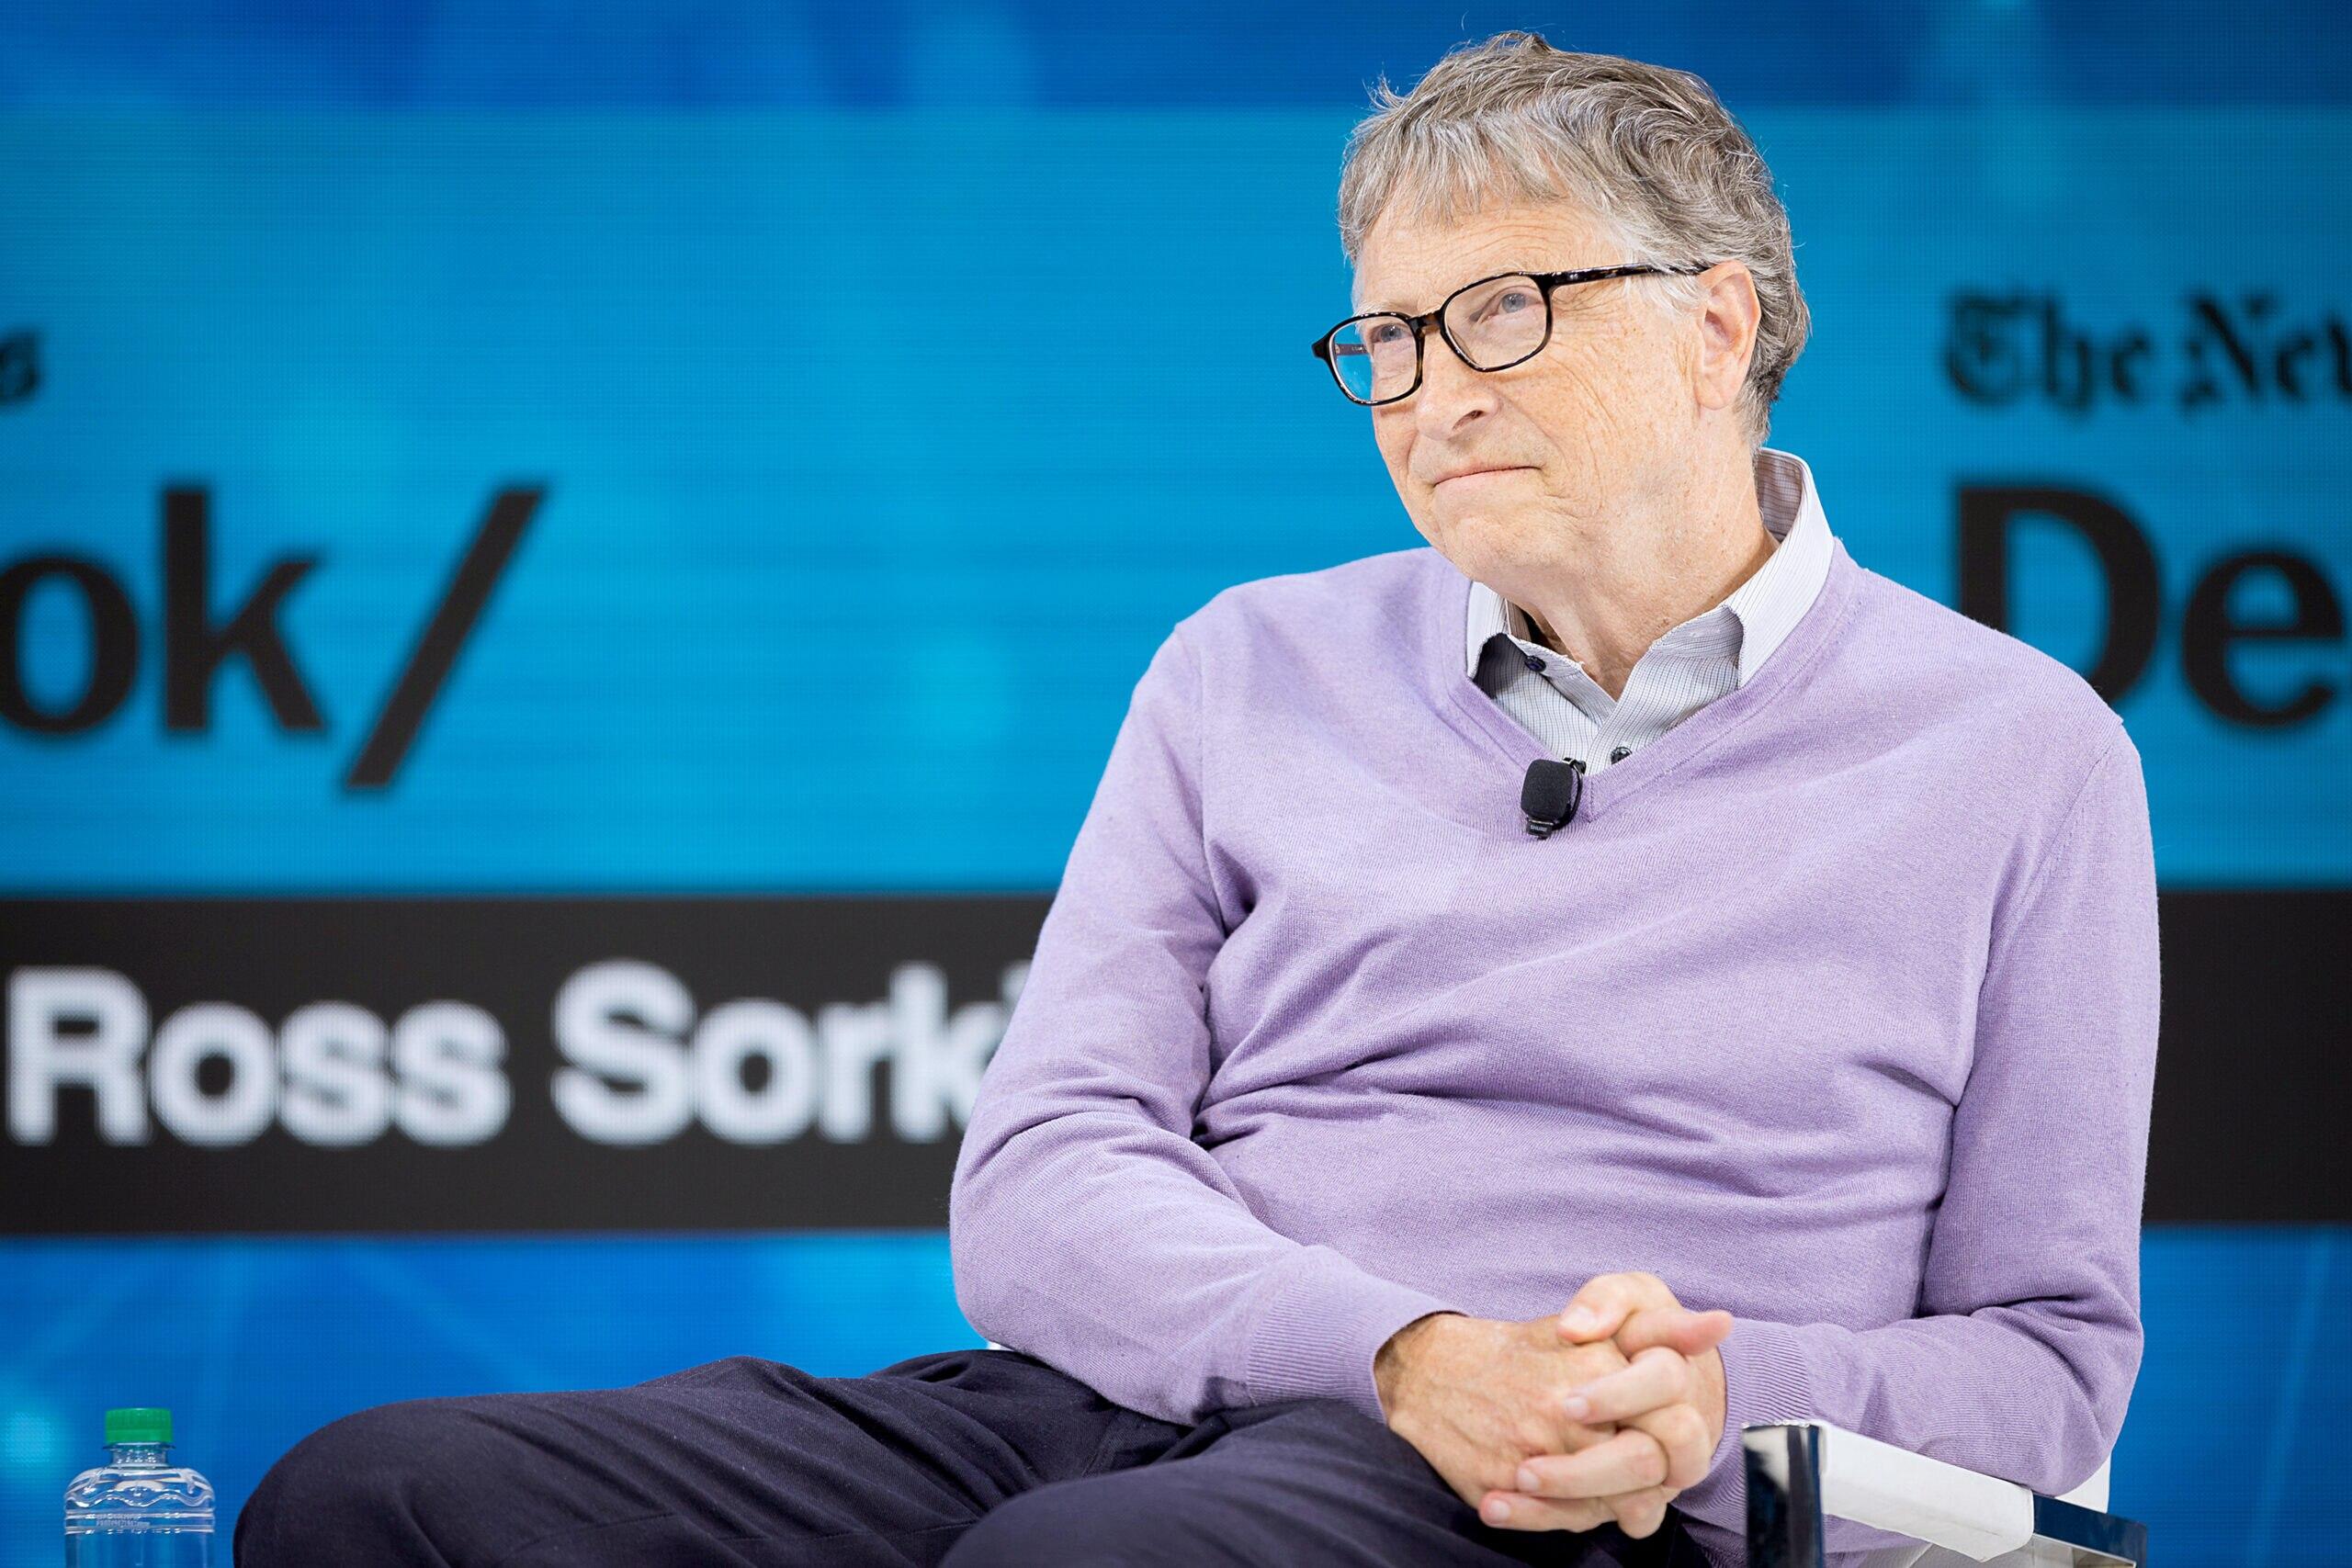 Bill Gates verrät, warum er ein Android-Smartphone statt iPhone nutzt - TECHBOOK